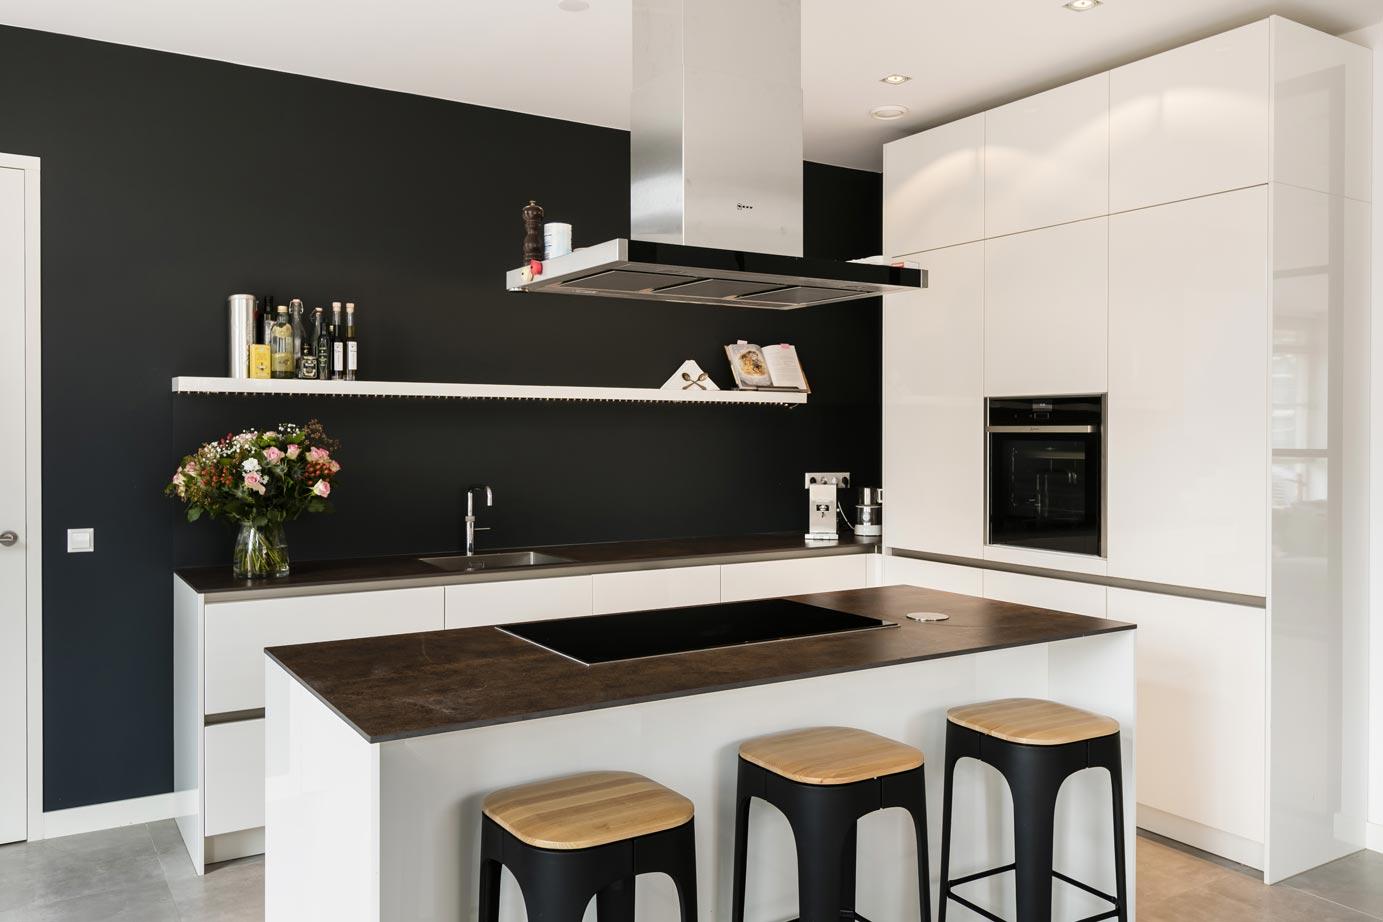 Kookeiland Kleine Keuken : Kookeiland kleine keuken best interieur steenstraat stock u het